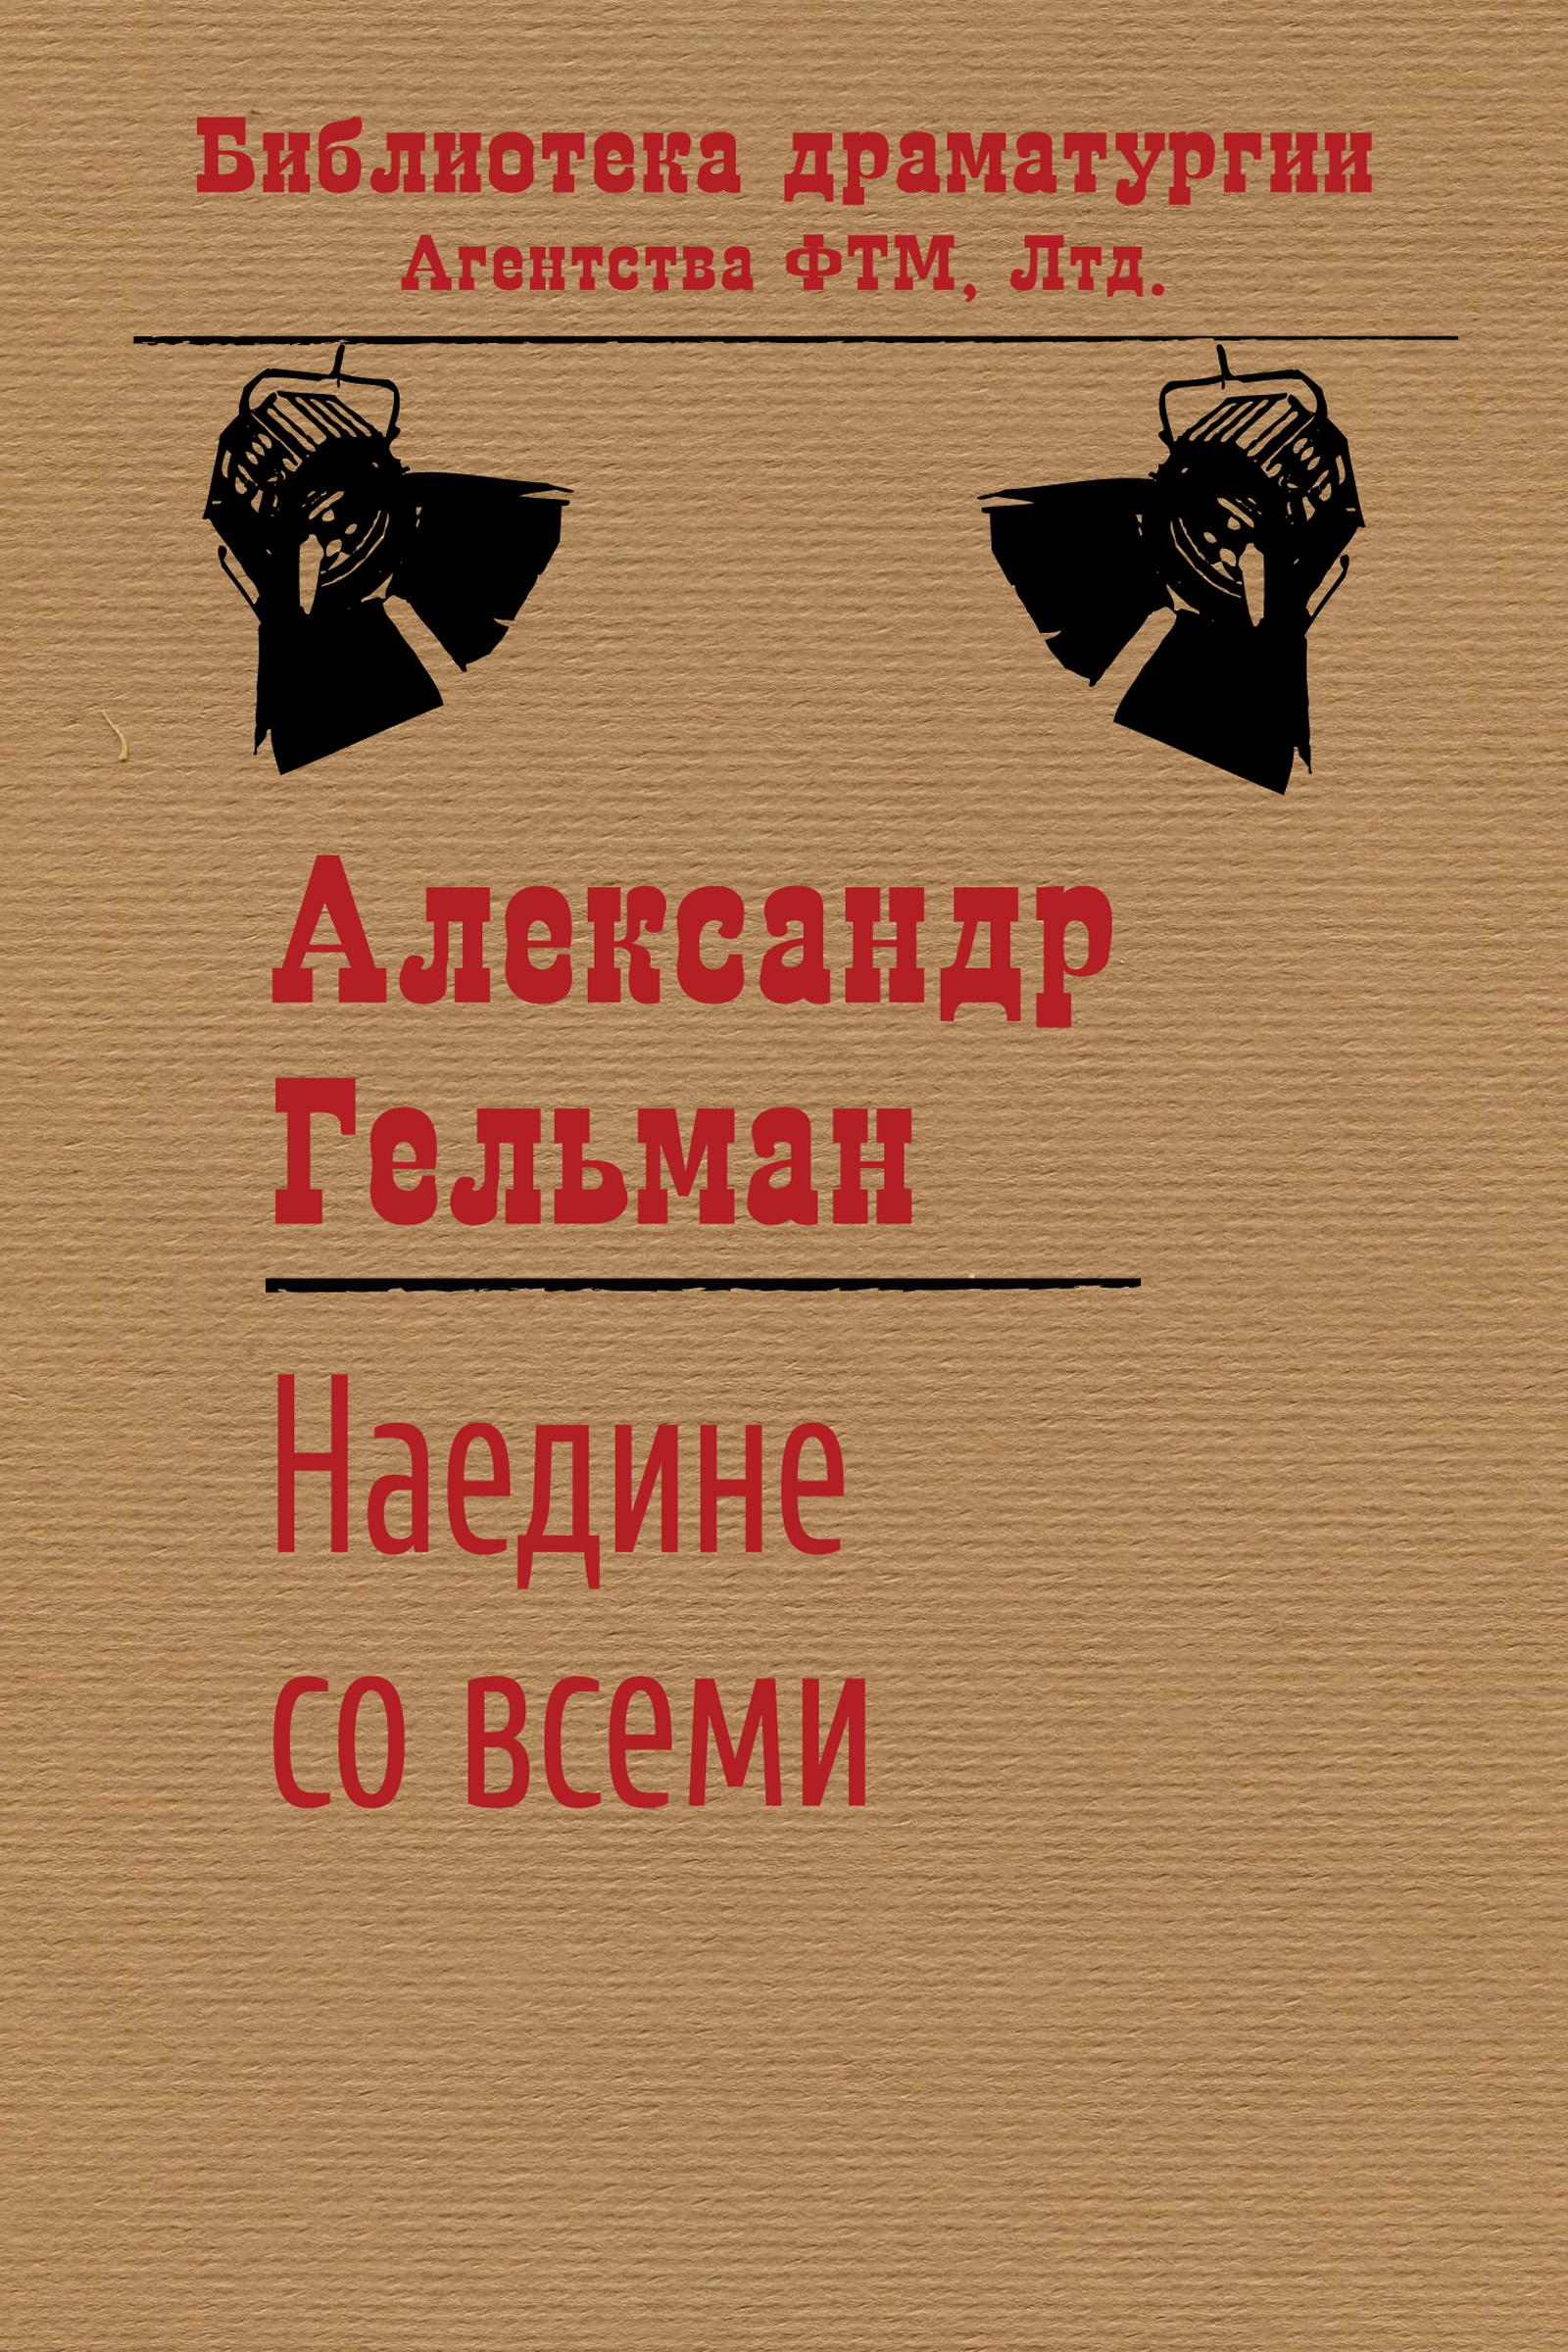 Александр Гельман Наедине со всеми андрей углицких соловьиный день повесть isbn 9785448399909